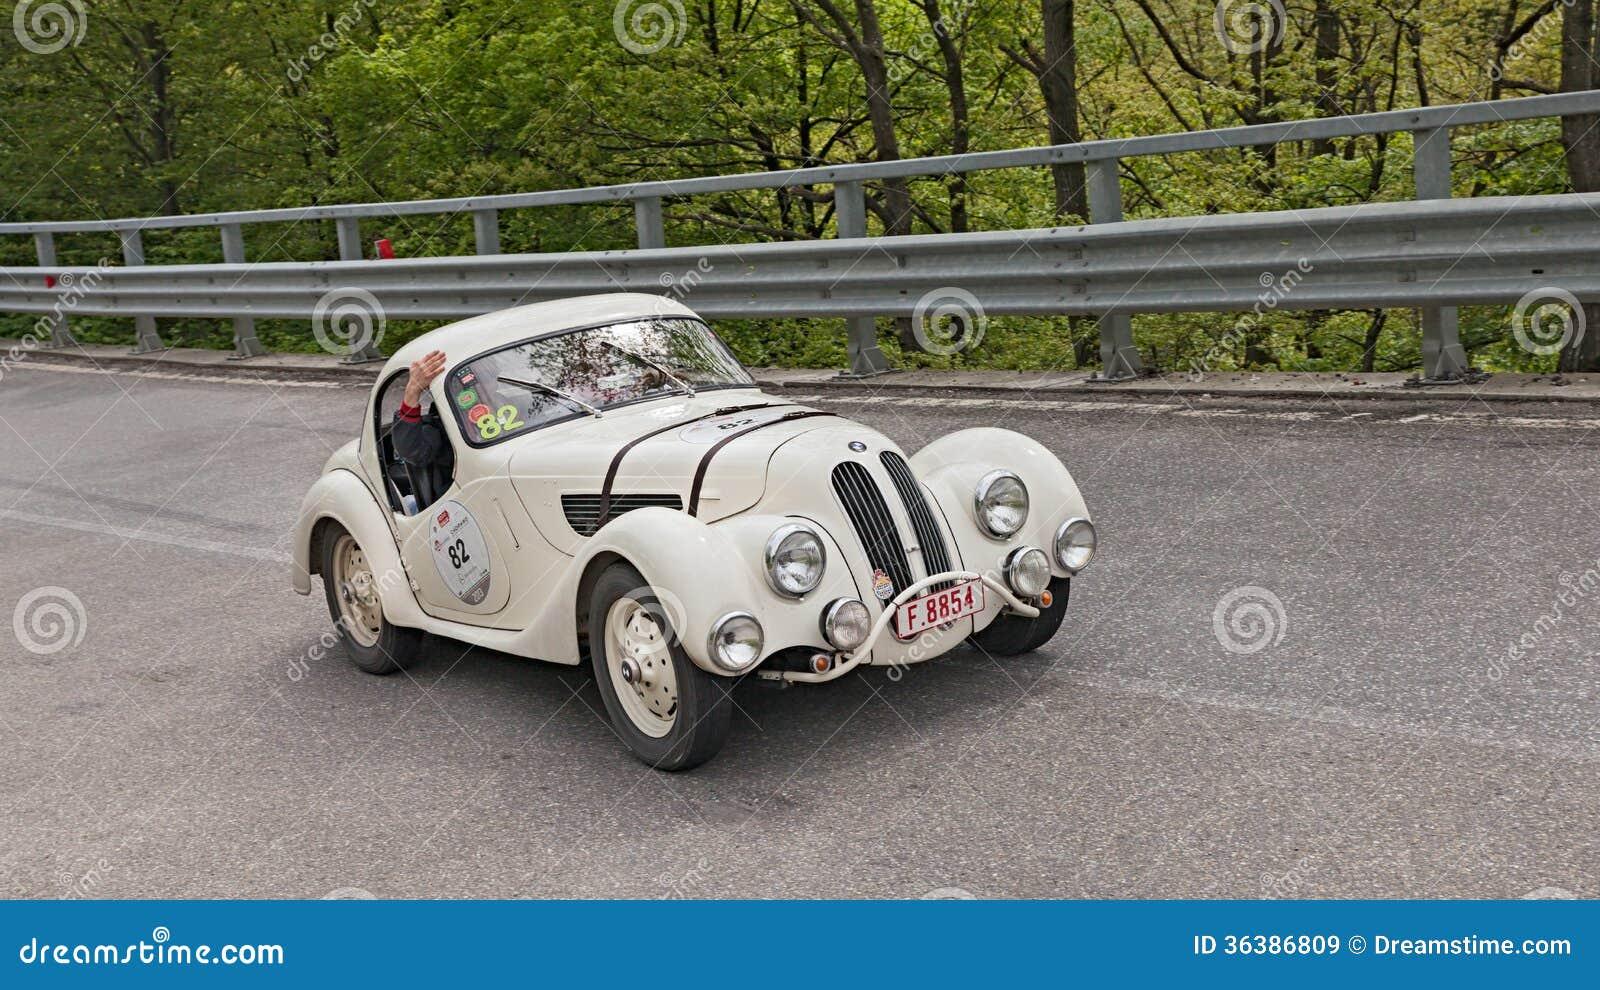 Old European Race Cars